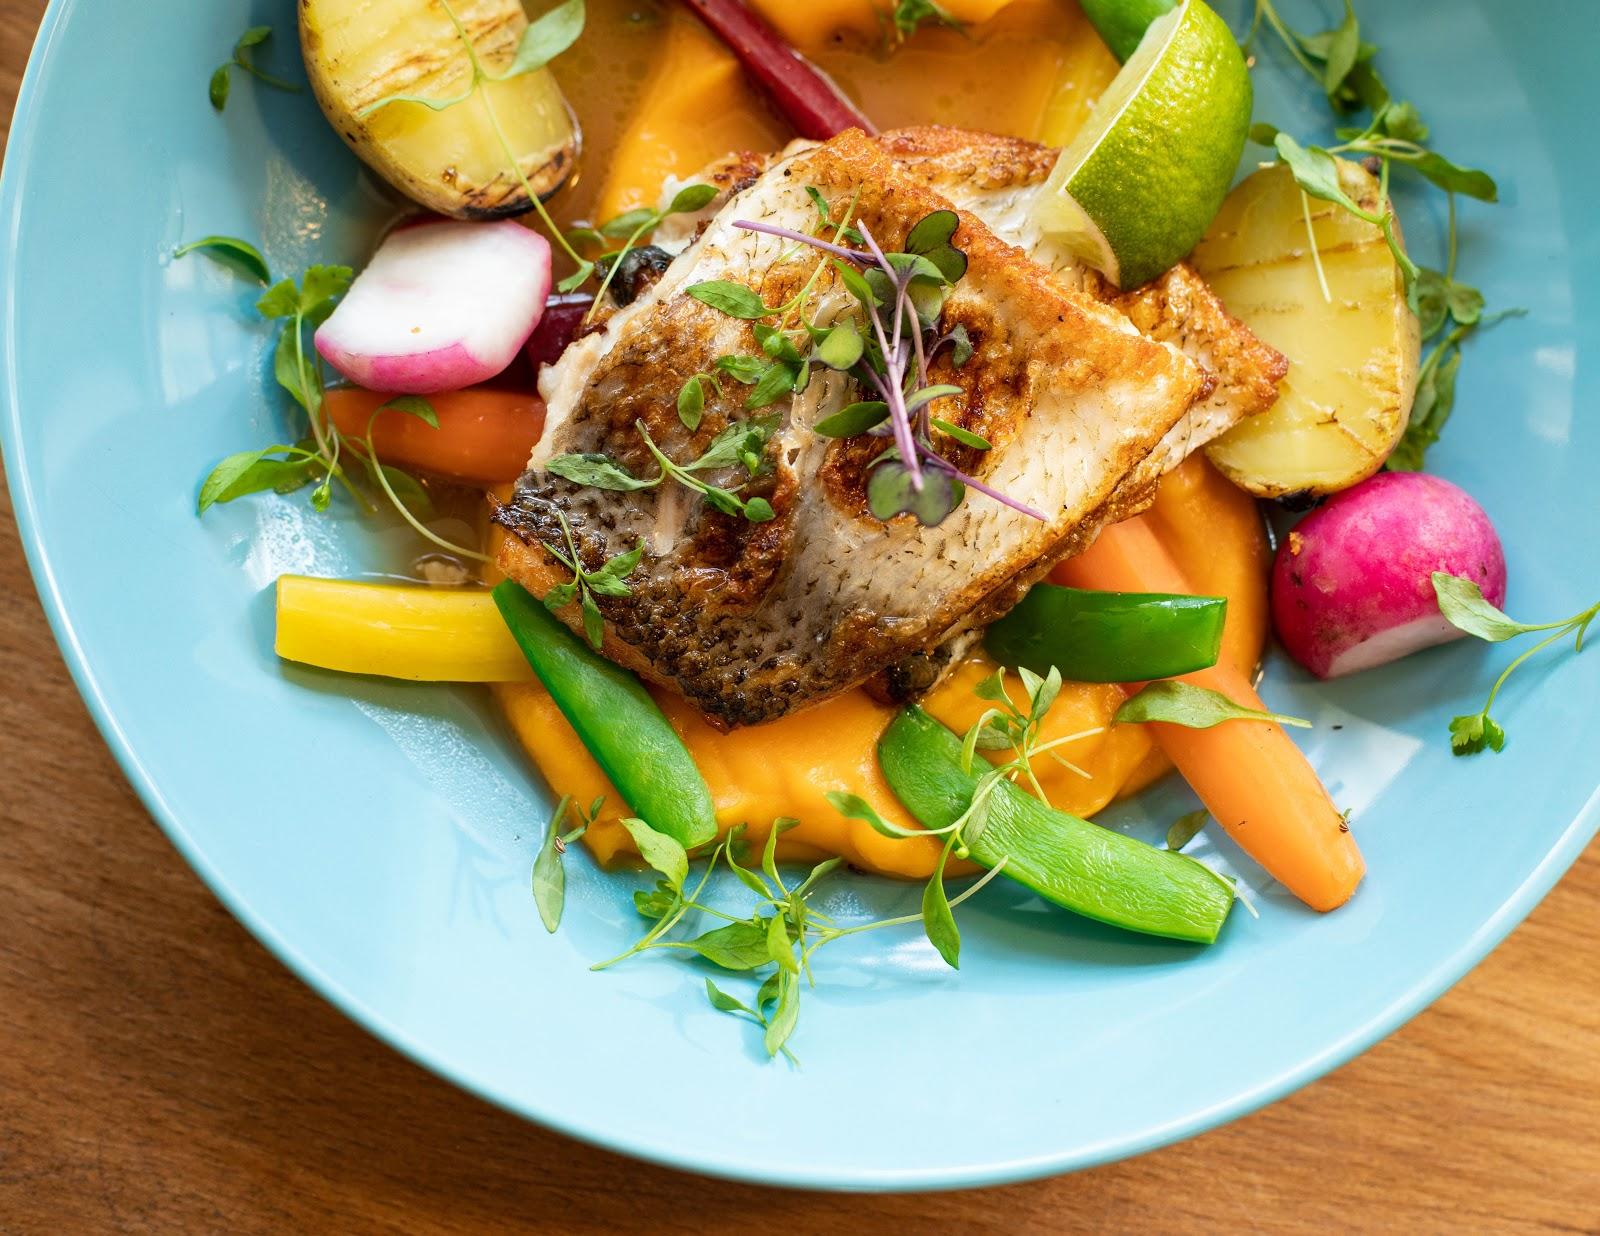 צלחת אוכל עם דג אפוי על מצע קרם בטטה צנונית תפוח אדמה ועלים